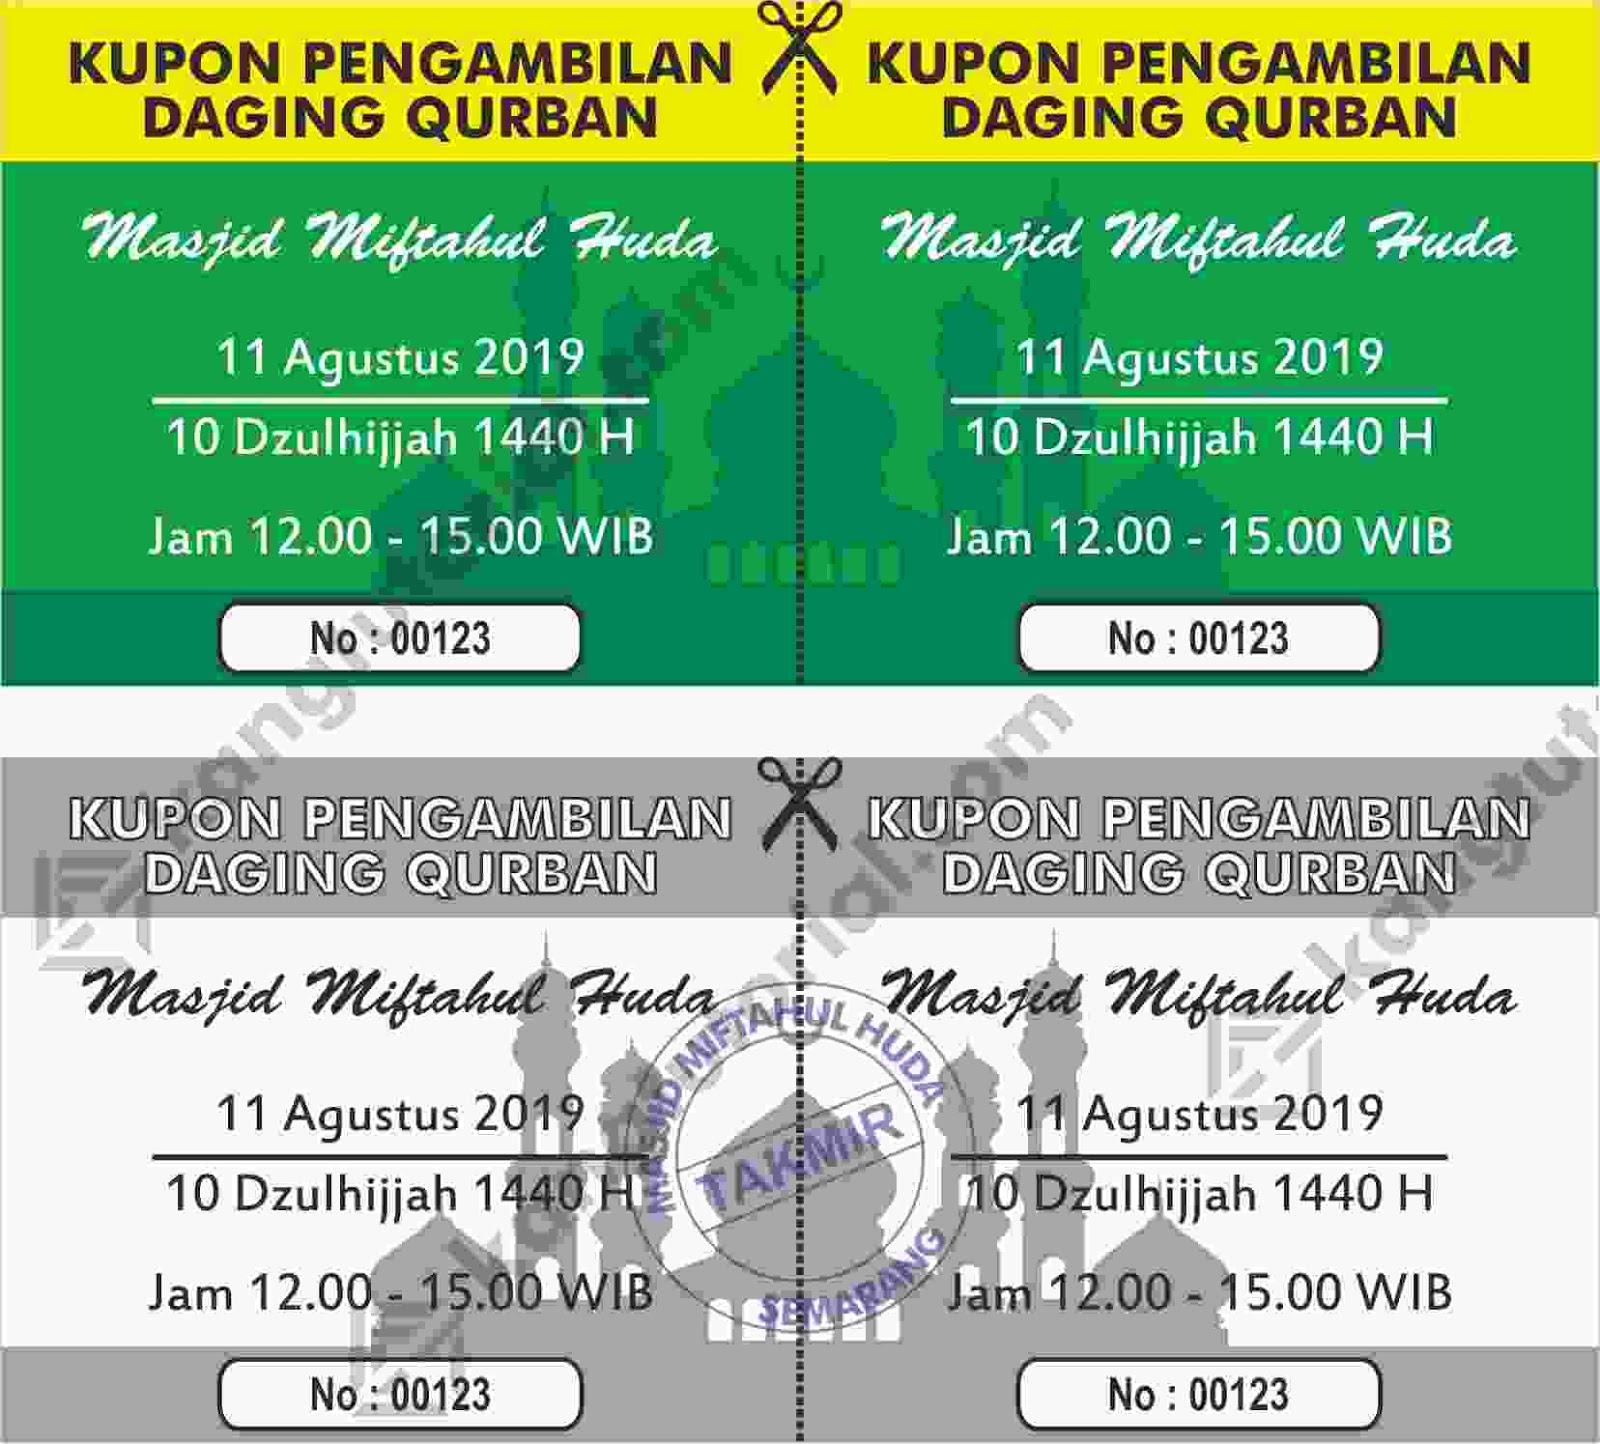 Desain Spanduk: Download Contoh Desain Kupon Qurban 2019 Format CDR